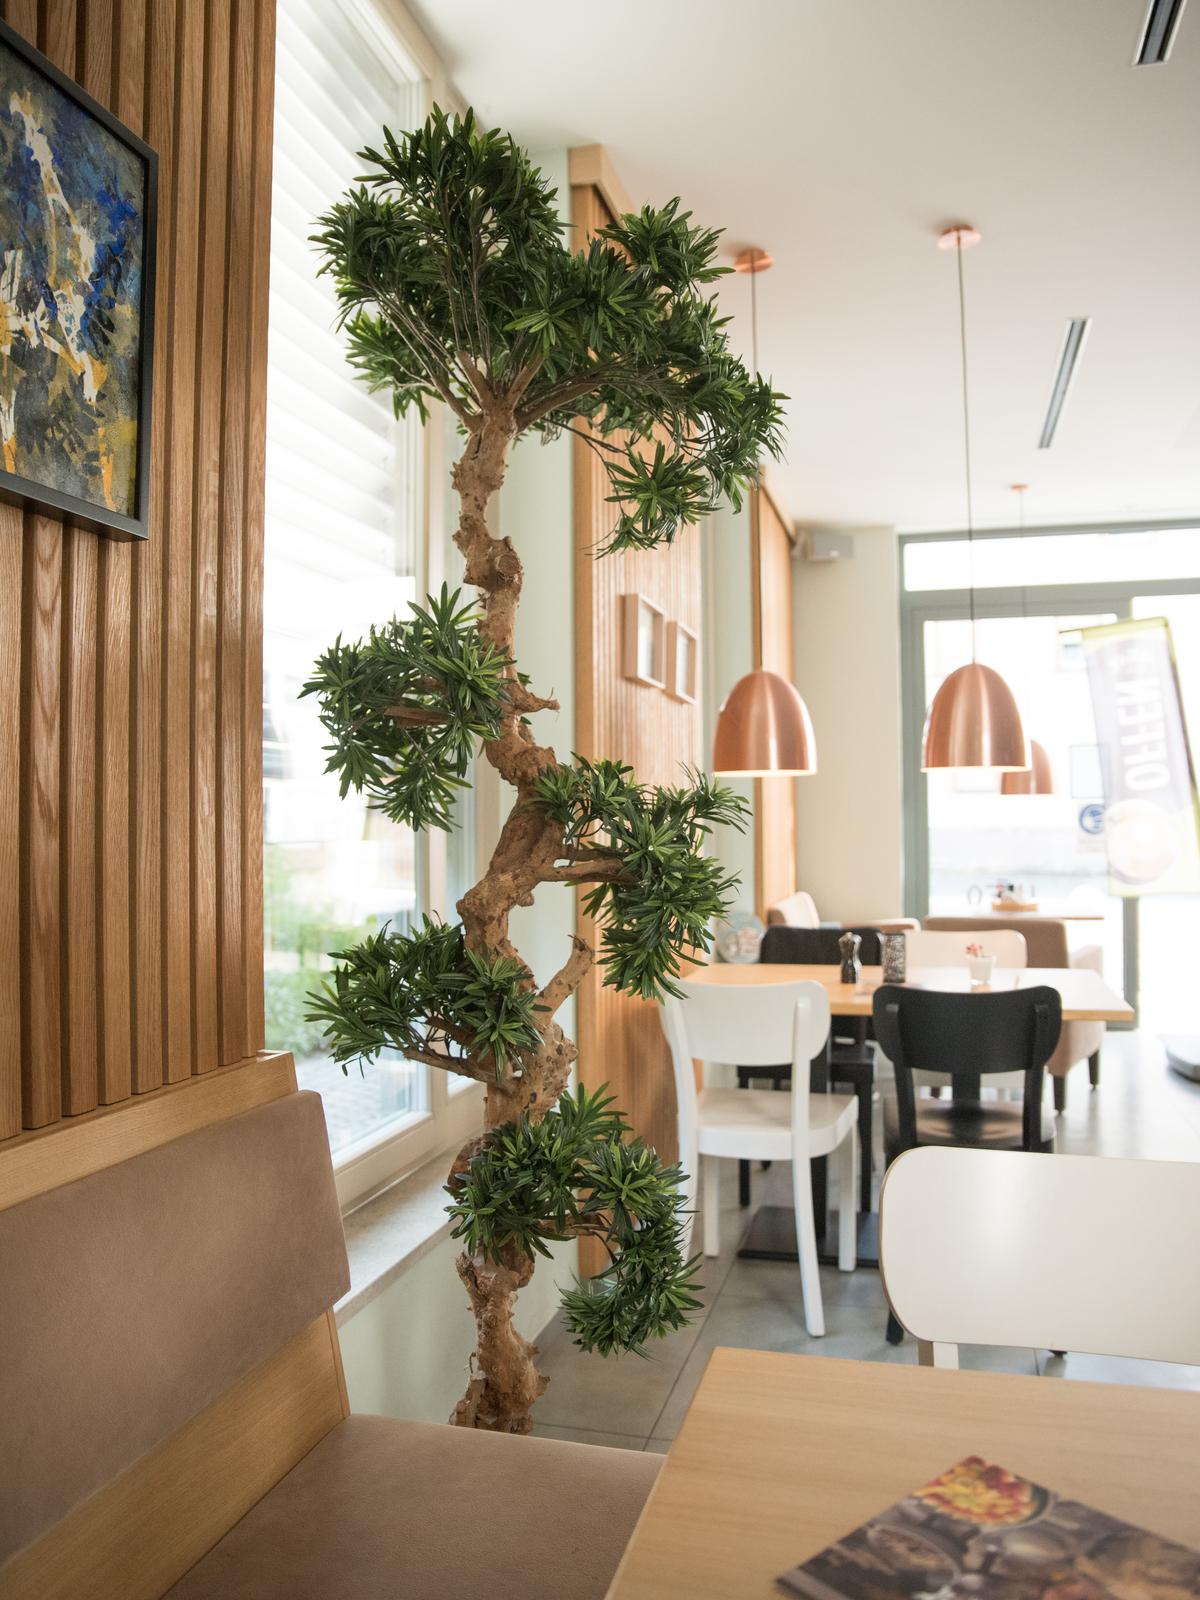 EUROPALMS pianta artificiale albero Bonsai, 180cm